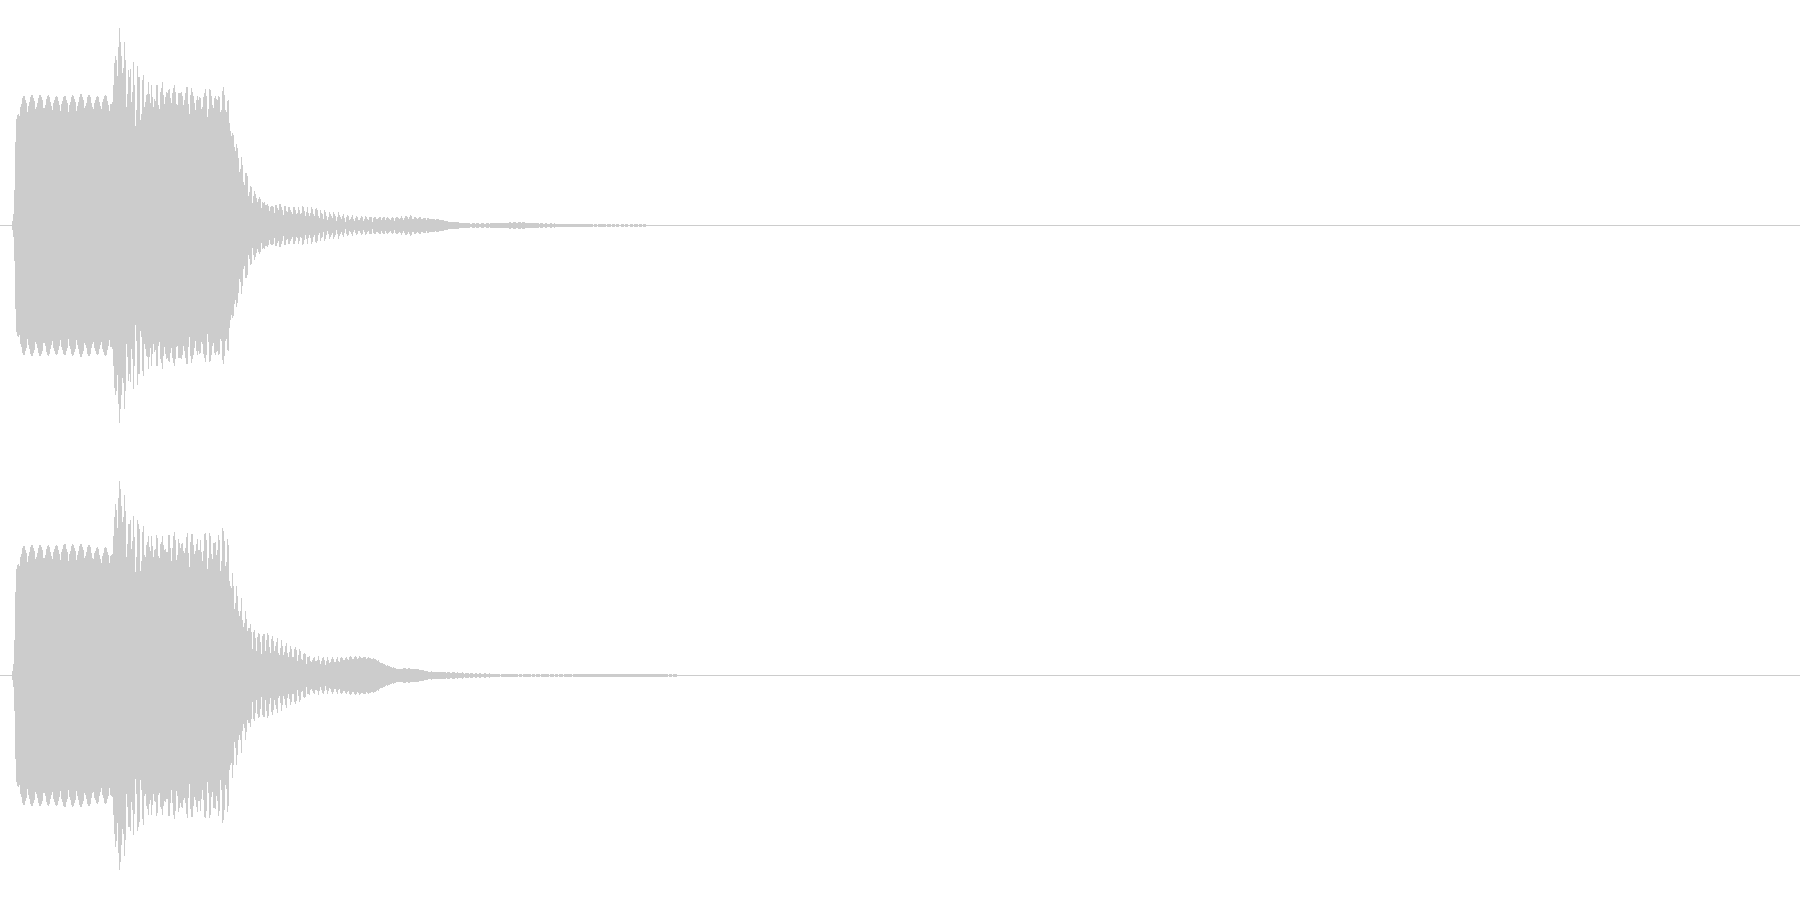 ピコン_矩形波(終了,停止,通知)_02の未再生の波形